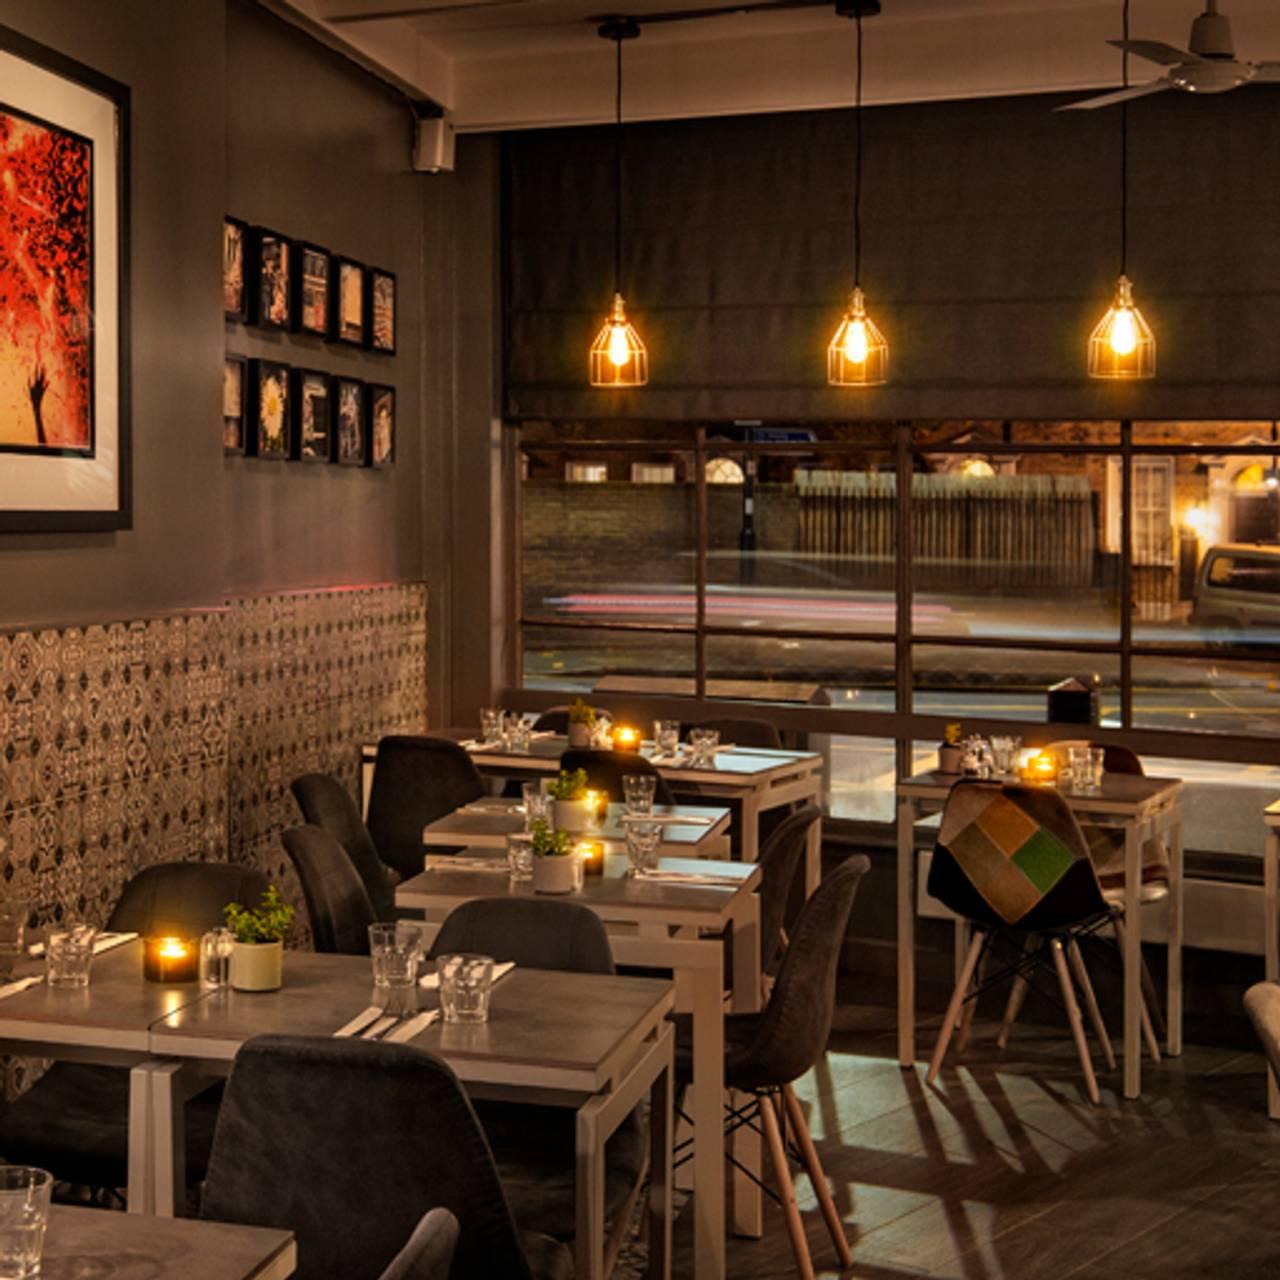 Niche Gluten Free Dining Restaurant London Opentable